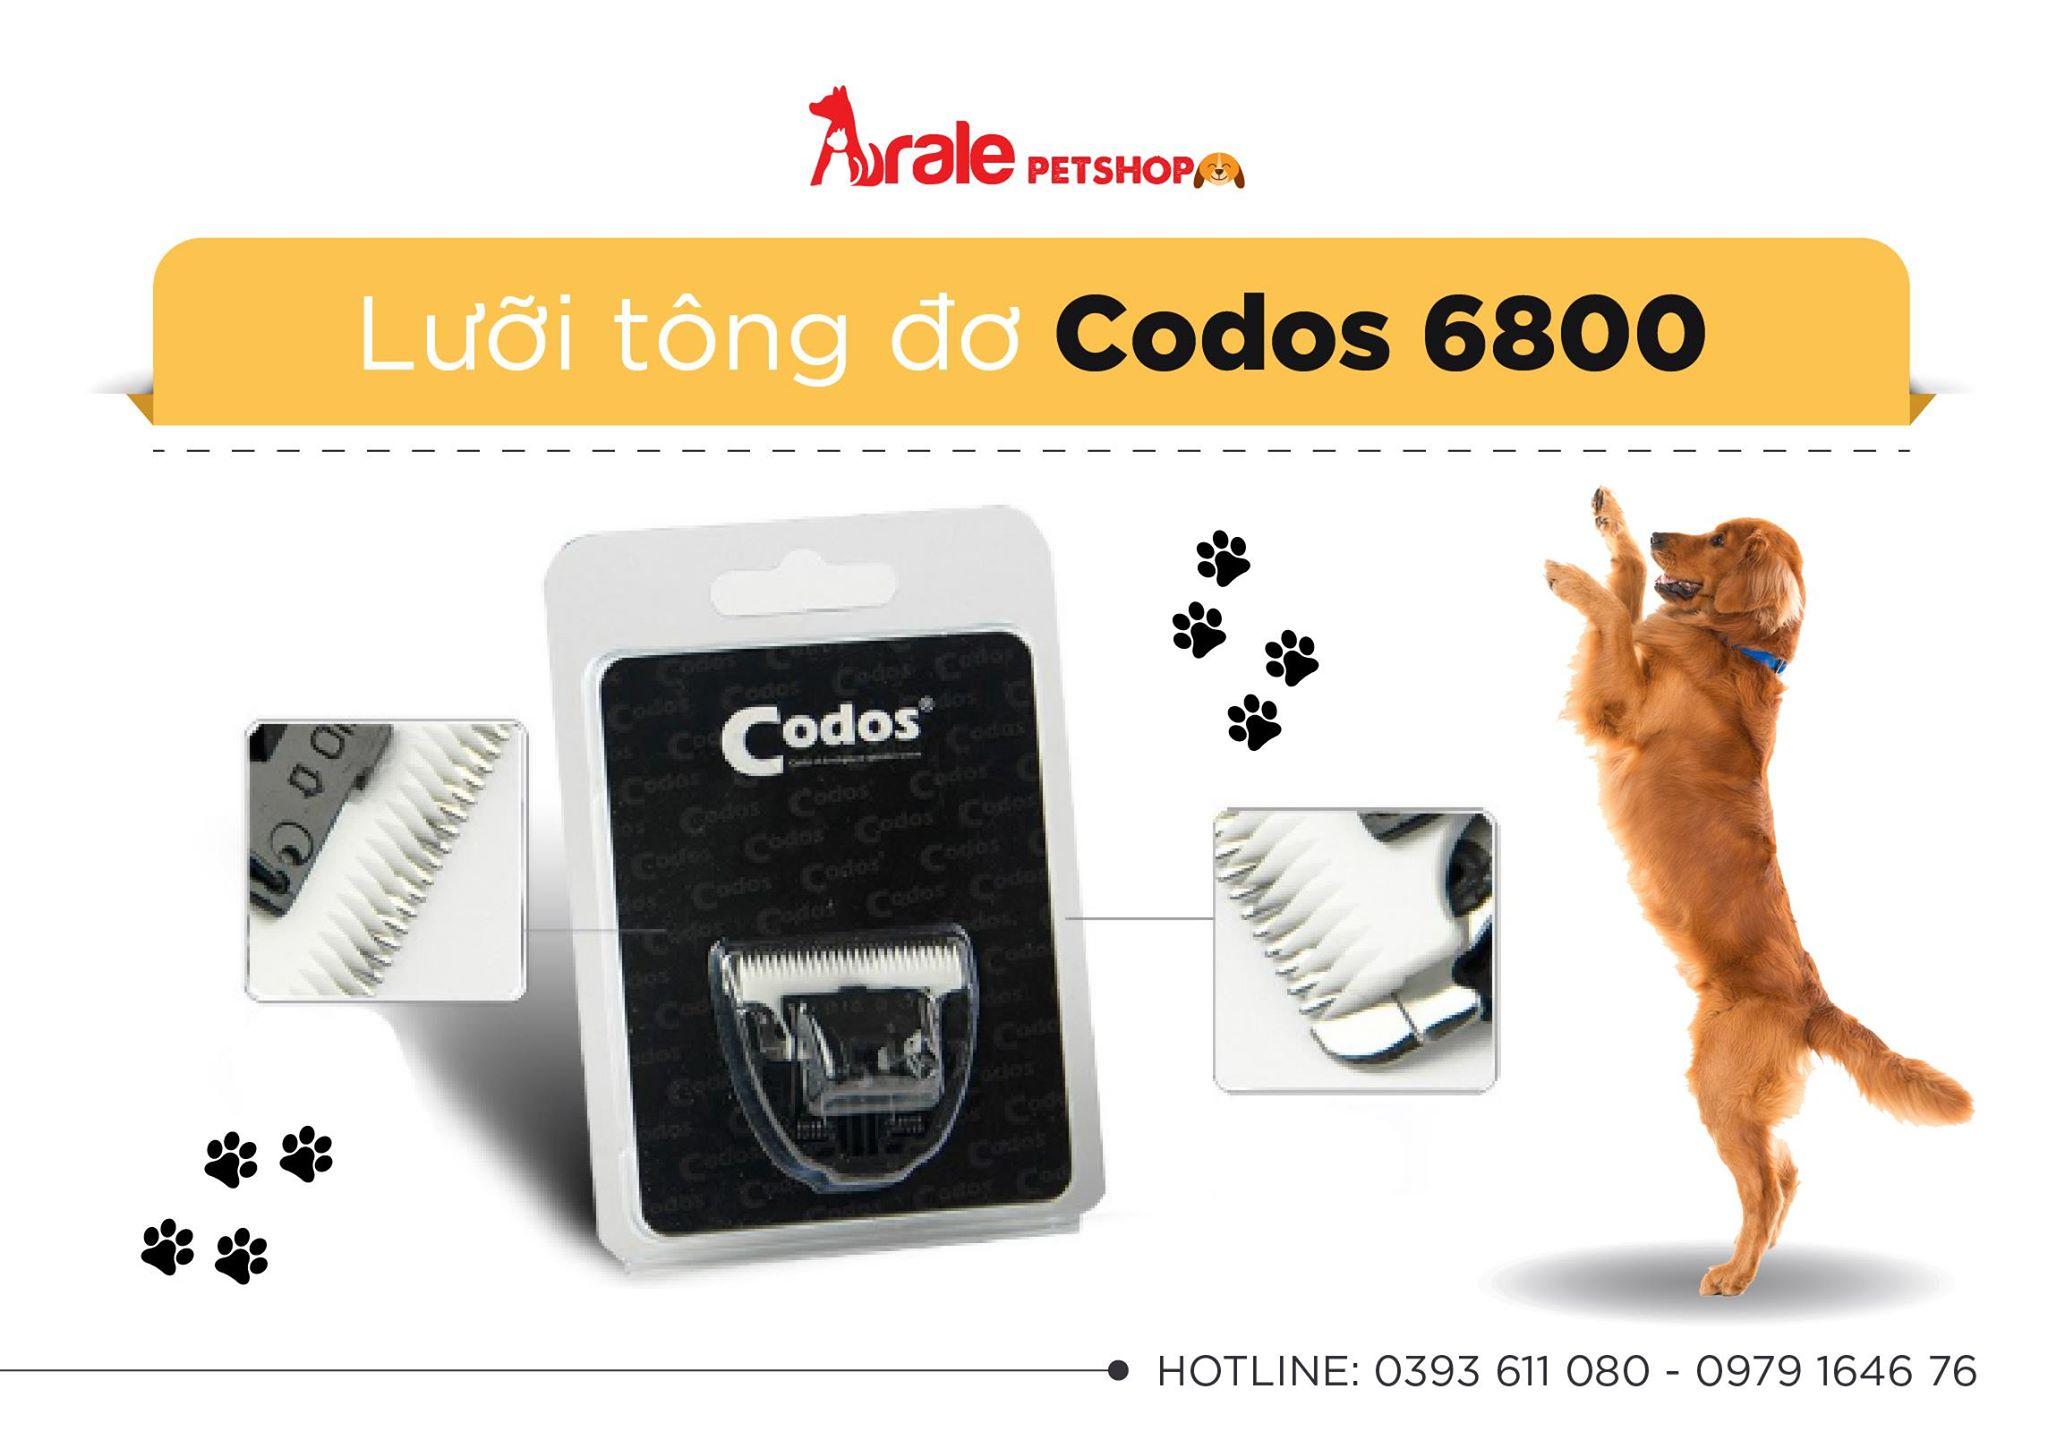 LƯỠI TÔNG ĐƠ CODOS 6800